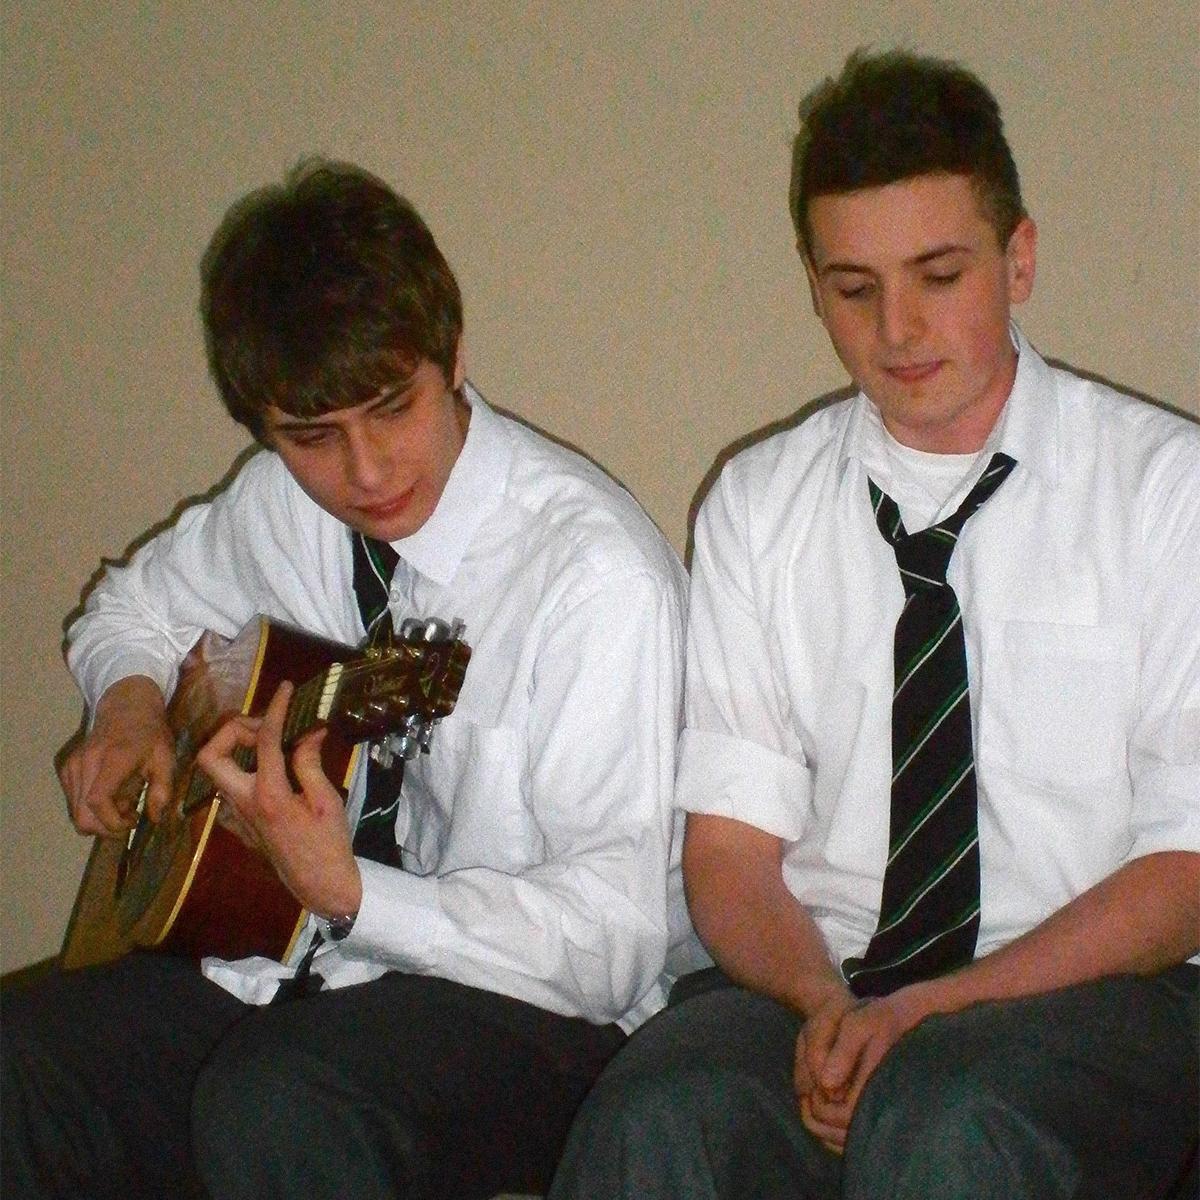 Jack singing in Irish with Evan Byrne